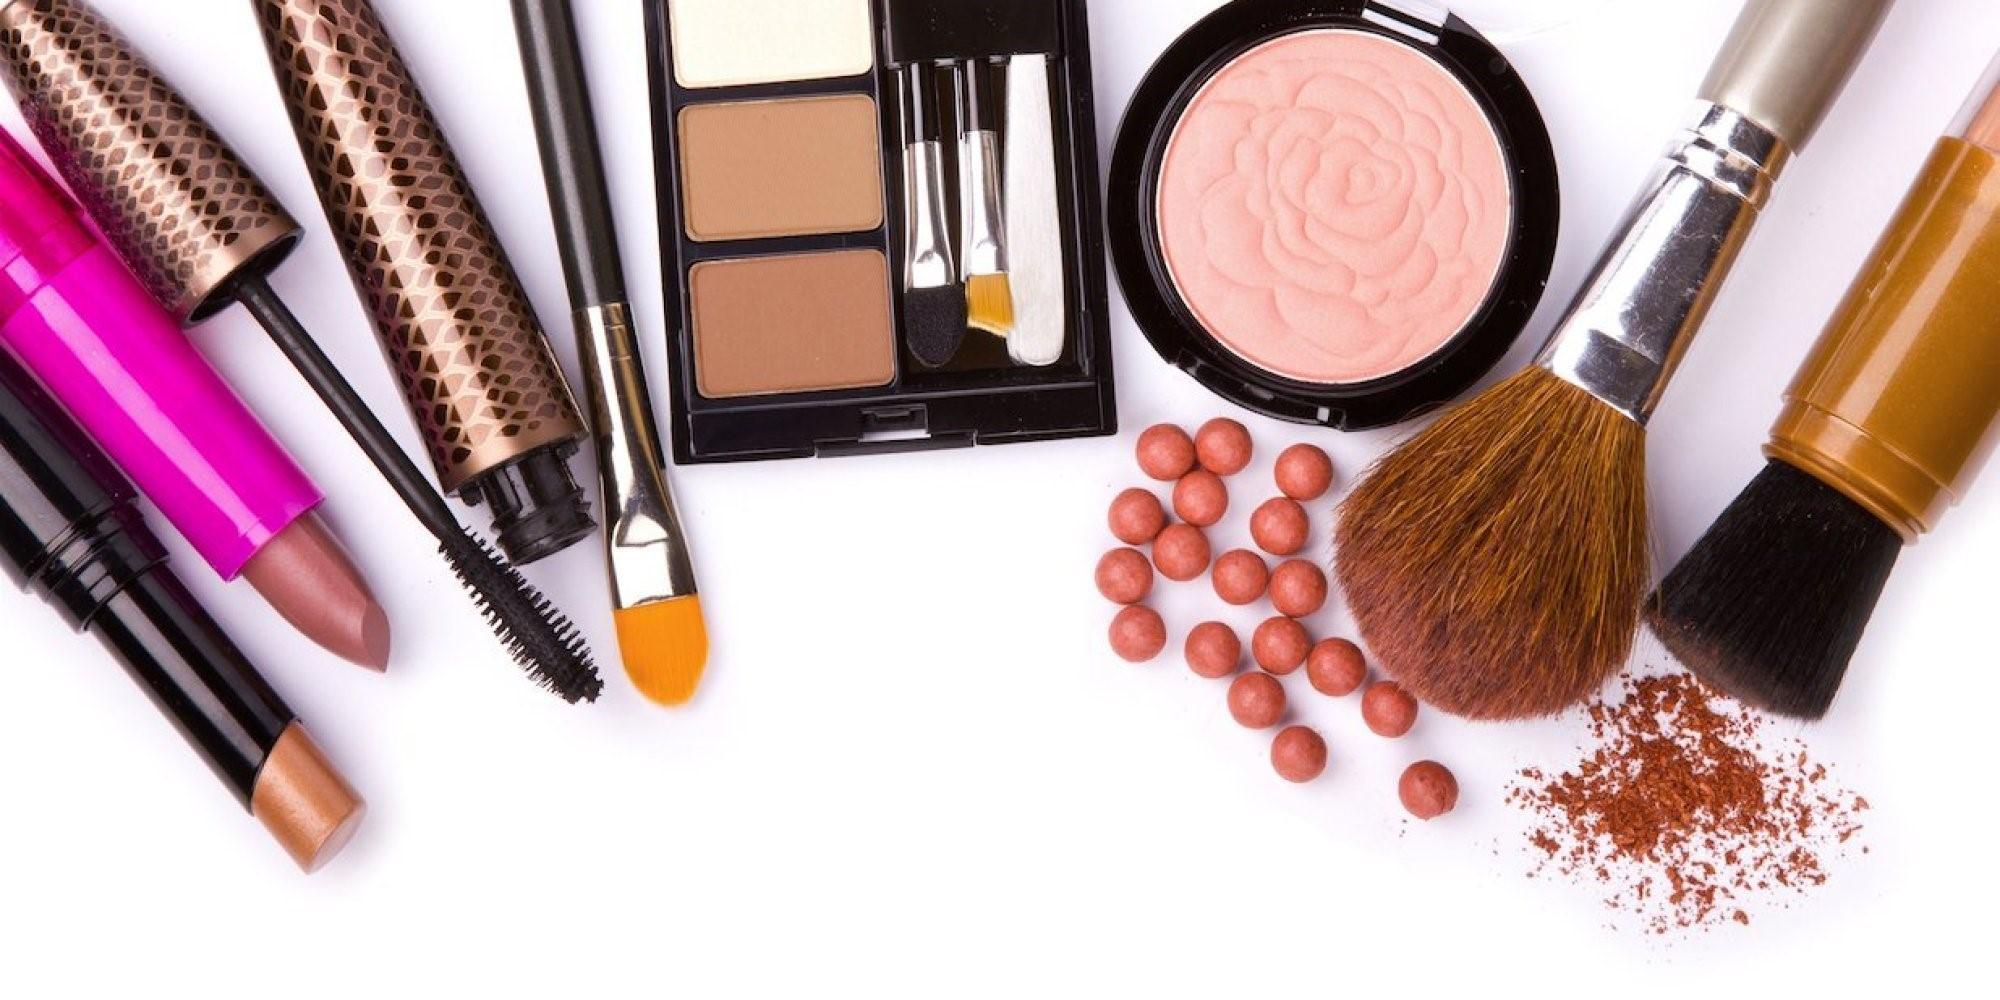 ترفندهای ساده ولی موثر برای داشتن یک فروشگاه اینترنتی لوازم آرایشی و بهداشتی موفق و درآمدزا